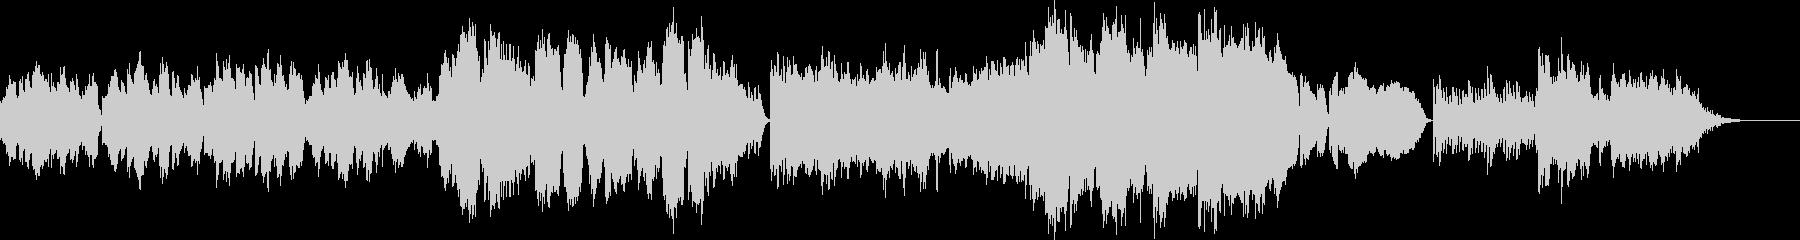 ケルトの笛とハープ主体のやわらかな曲の未再生の波形